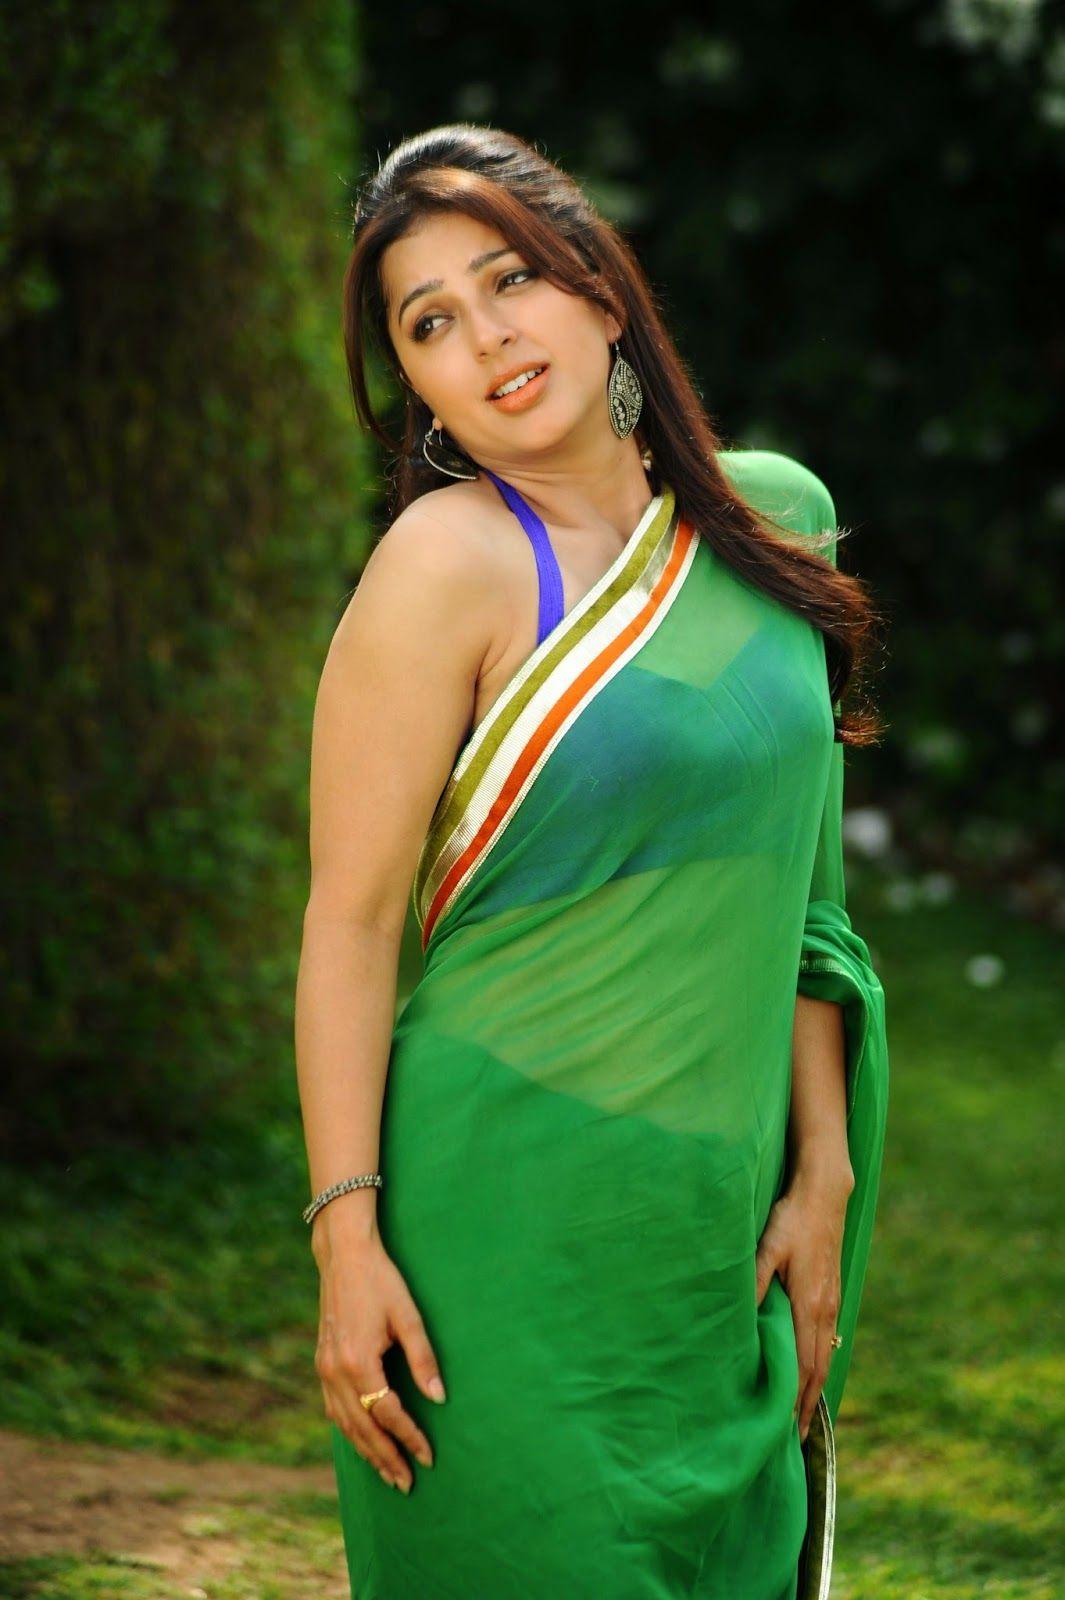 bhumika hot Actress chawla